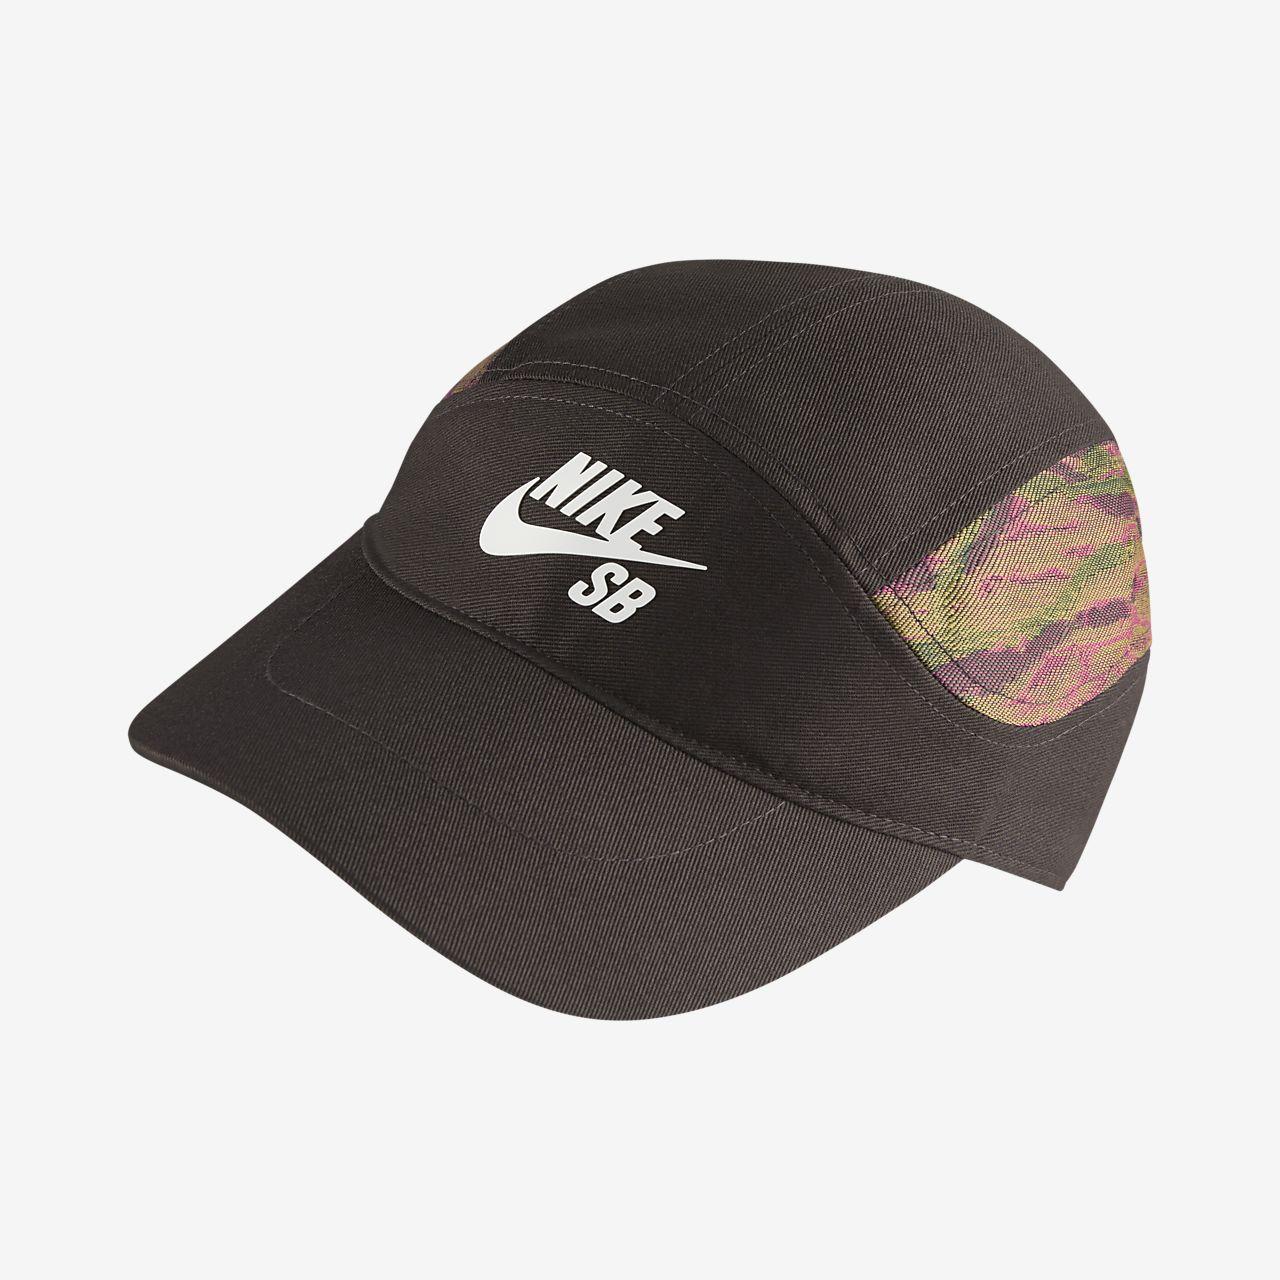 87b9ea2254b51 Nike SB Skate Hat. Nike.com IN